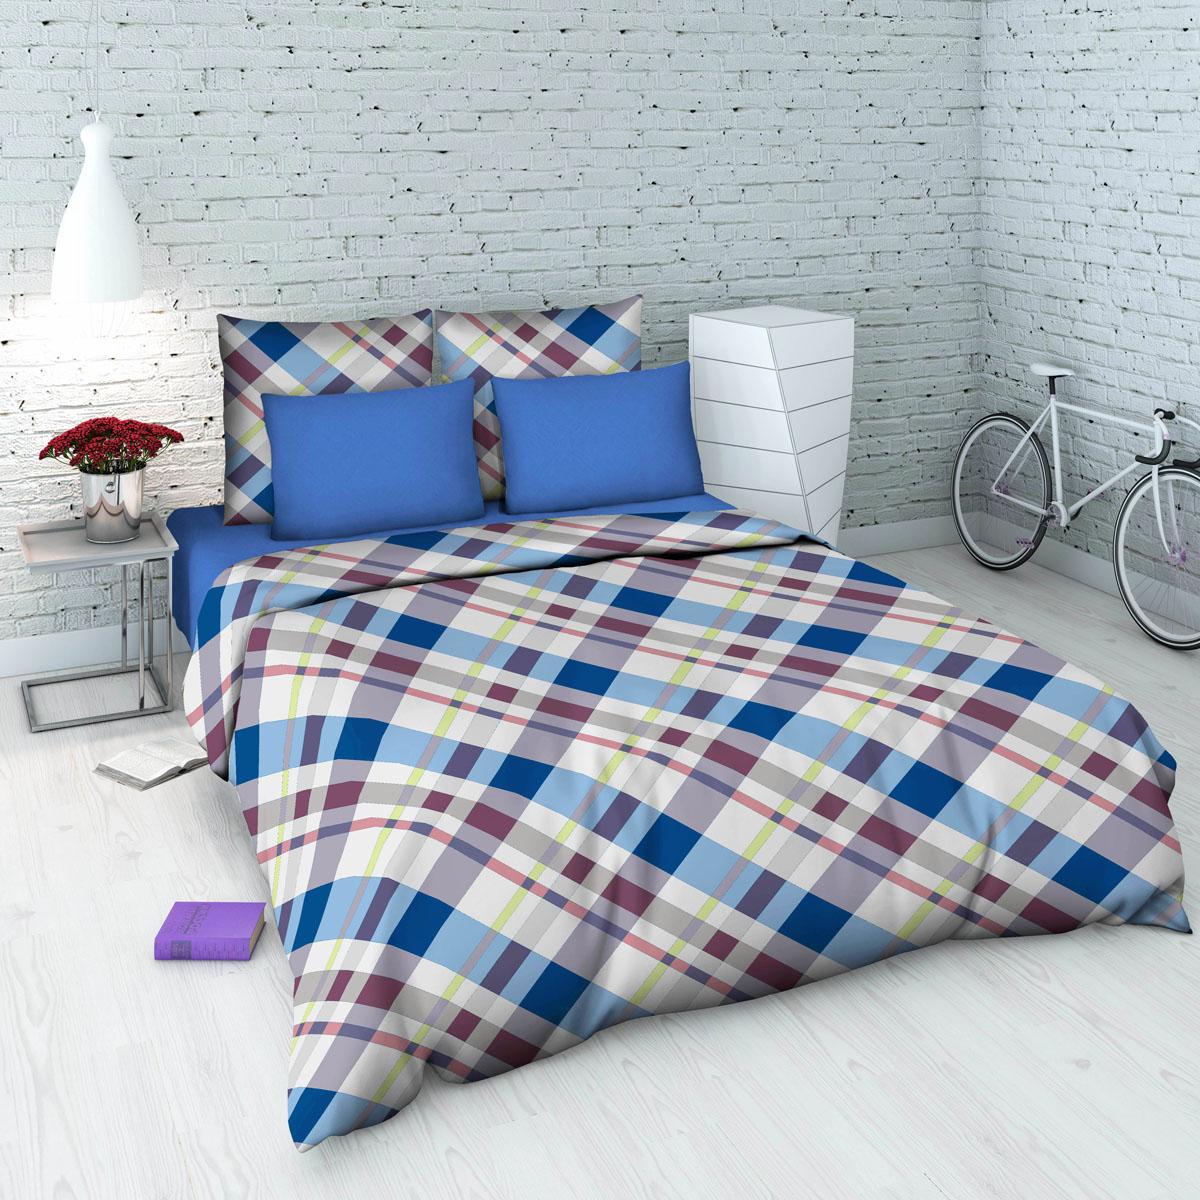 Комплект белья Василиса, 1,5-спальный, наволочки 70х70, цвет: голубой, белый. 5345_1/1,55345_1/1,5Комплект постельного белья Василиса состоит из пододеяльника, простыни и двух наволочек. Белье изготовлено из бязи (100% хлопка) - гипоаллергенного, экологичного, высококачественного, крупнозакрученного волокна. Использование особо тонкой пряжи делает ткань мягче на ощупь, обеспечивает легкое глажение и позволяет передать всю насыщенность цветовой гаммы. Благодаря более плотному переплетению нитей и использованию высококачественных импортных красителей постельное белье выдерживает до 70 стирок. На ткани не образуются катышки. Способ застегивания наволочки - клапан, пододеяльника - отверстие без застежки по краю изделия с подвернутым краем.Приобретая комплект постельного белья Василиса, вы можете быть уверены в том, что покупка доставит вам удовольствие и подарит максимальный комфорт.Советы по выбору постельного белья от блогера Ирины Соковых. Статья OZON Гид